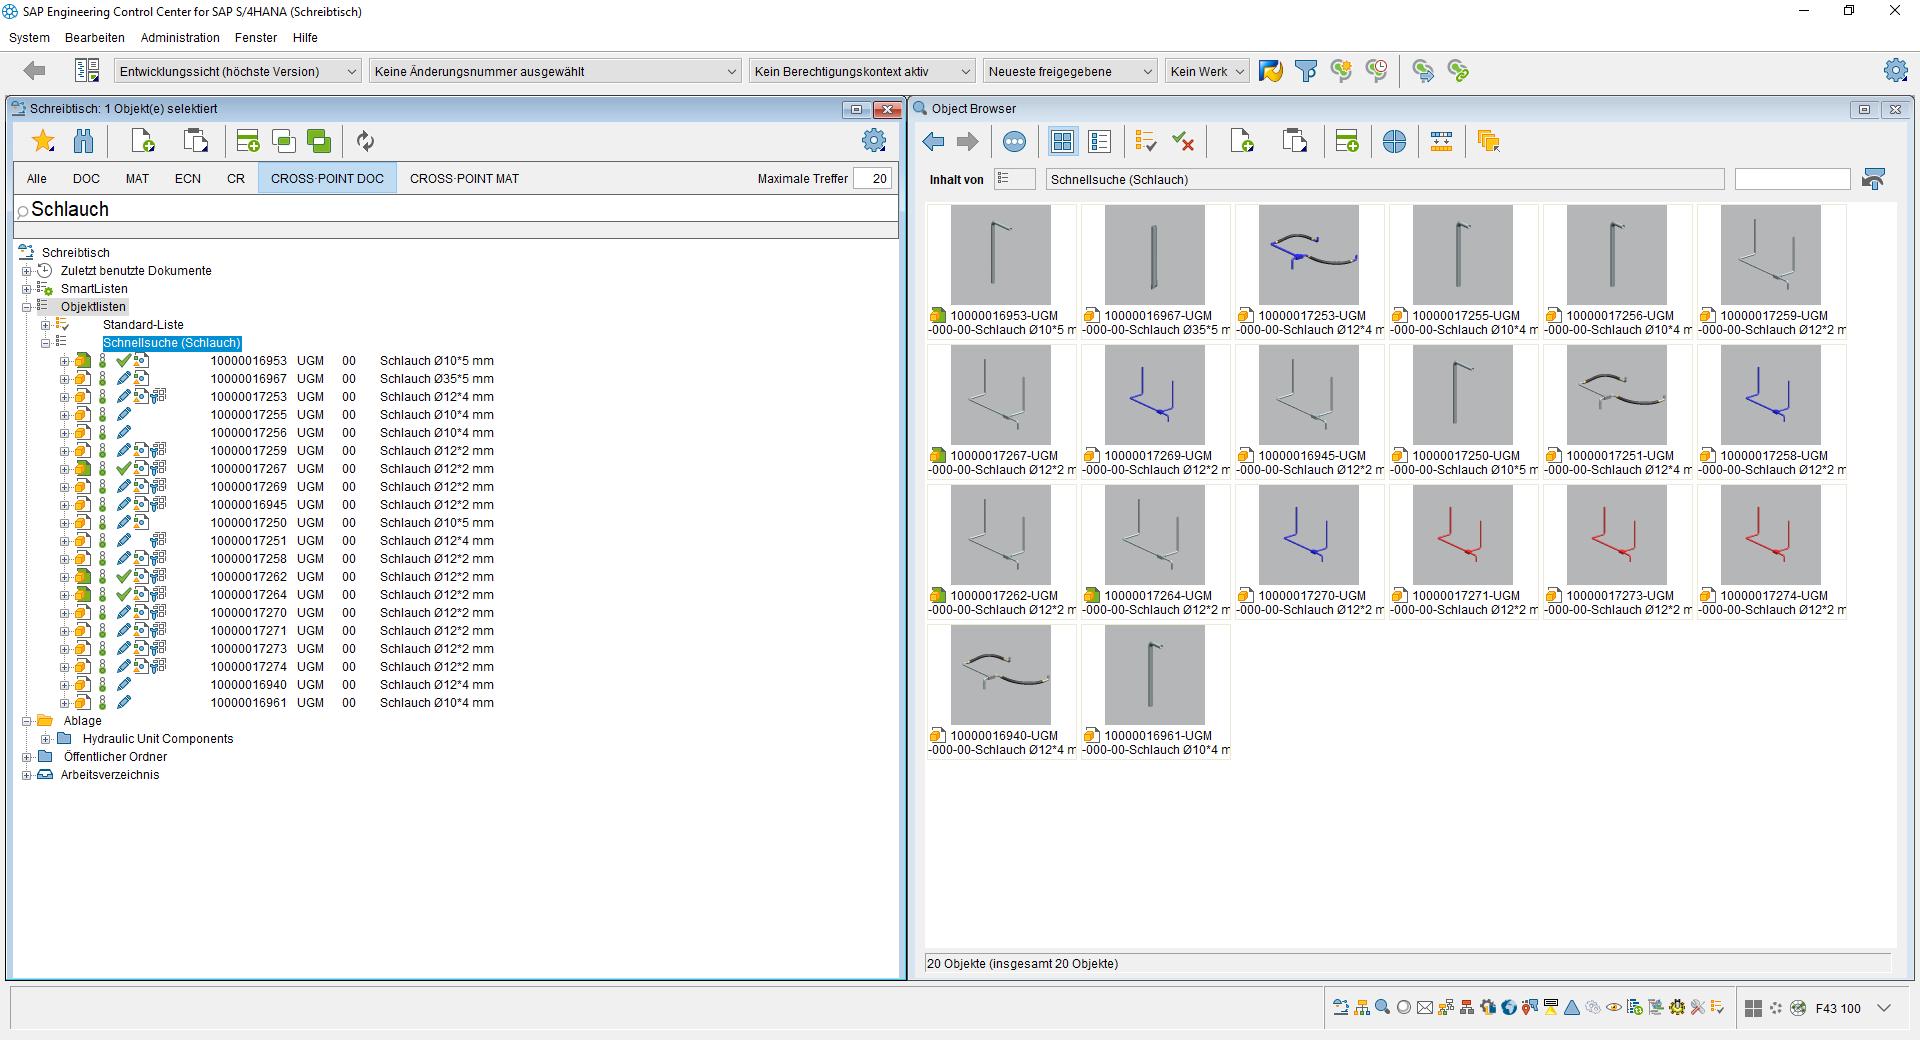 Übertragung der suchergebnisse aus CROSS·POINT zurück nach SAP ECTR